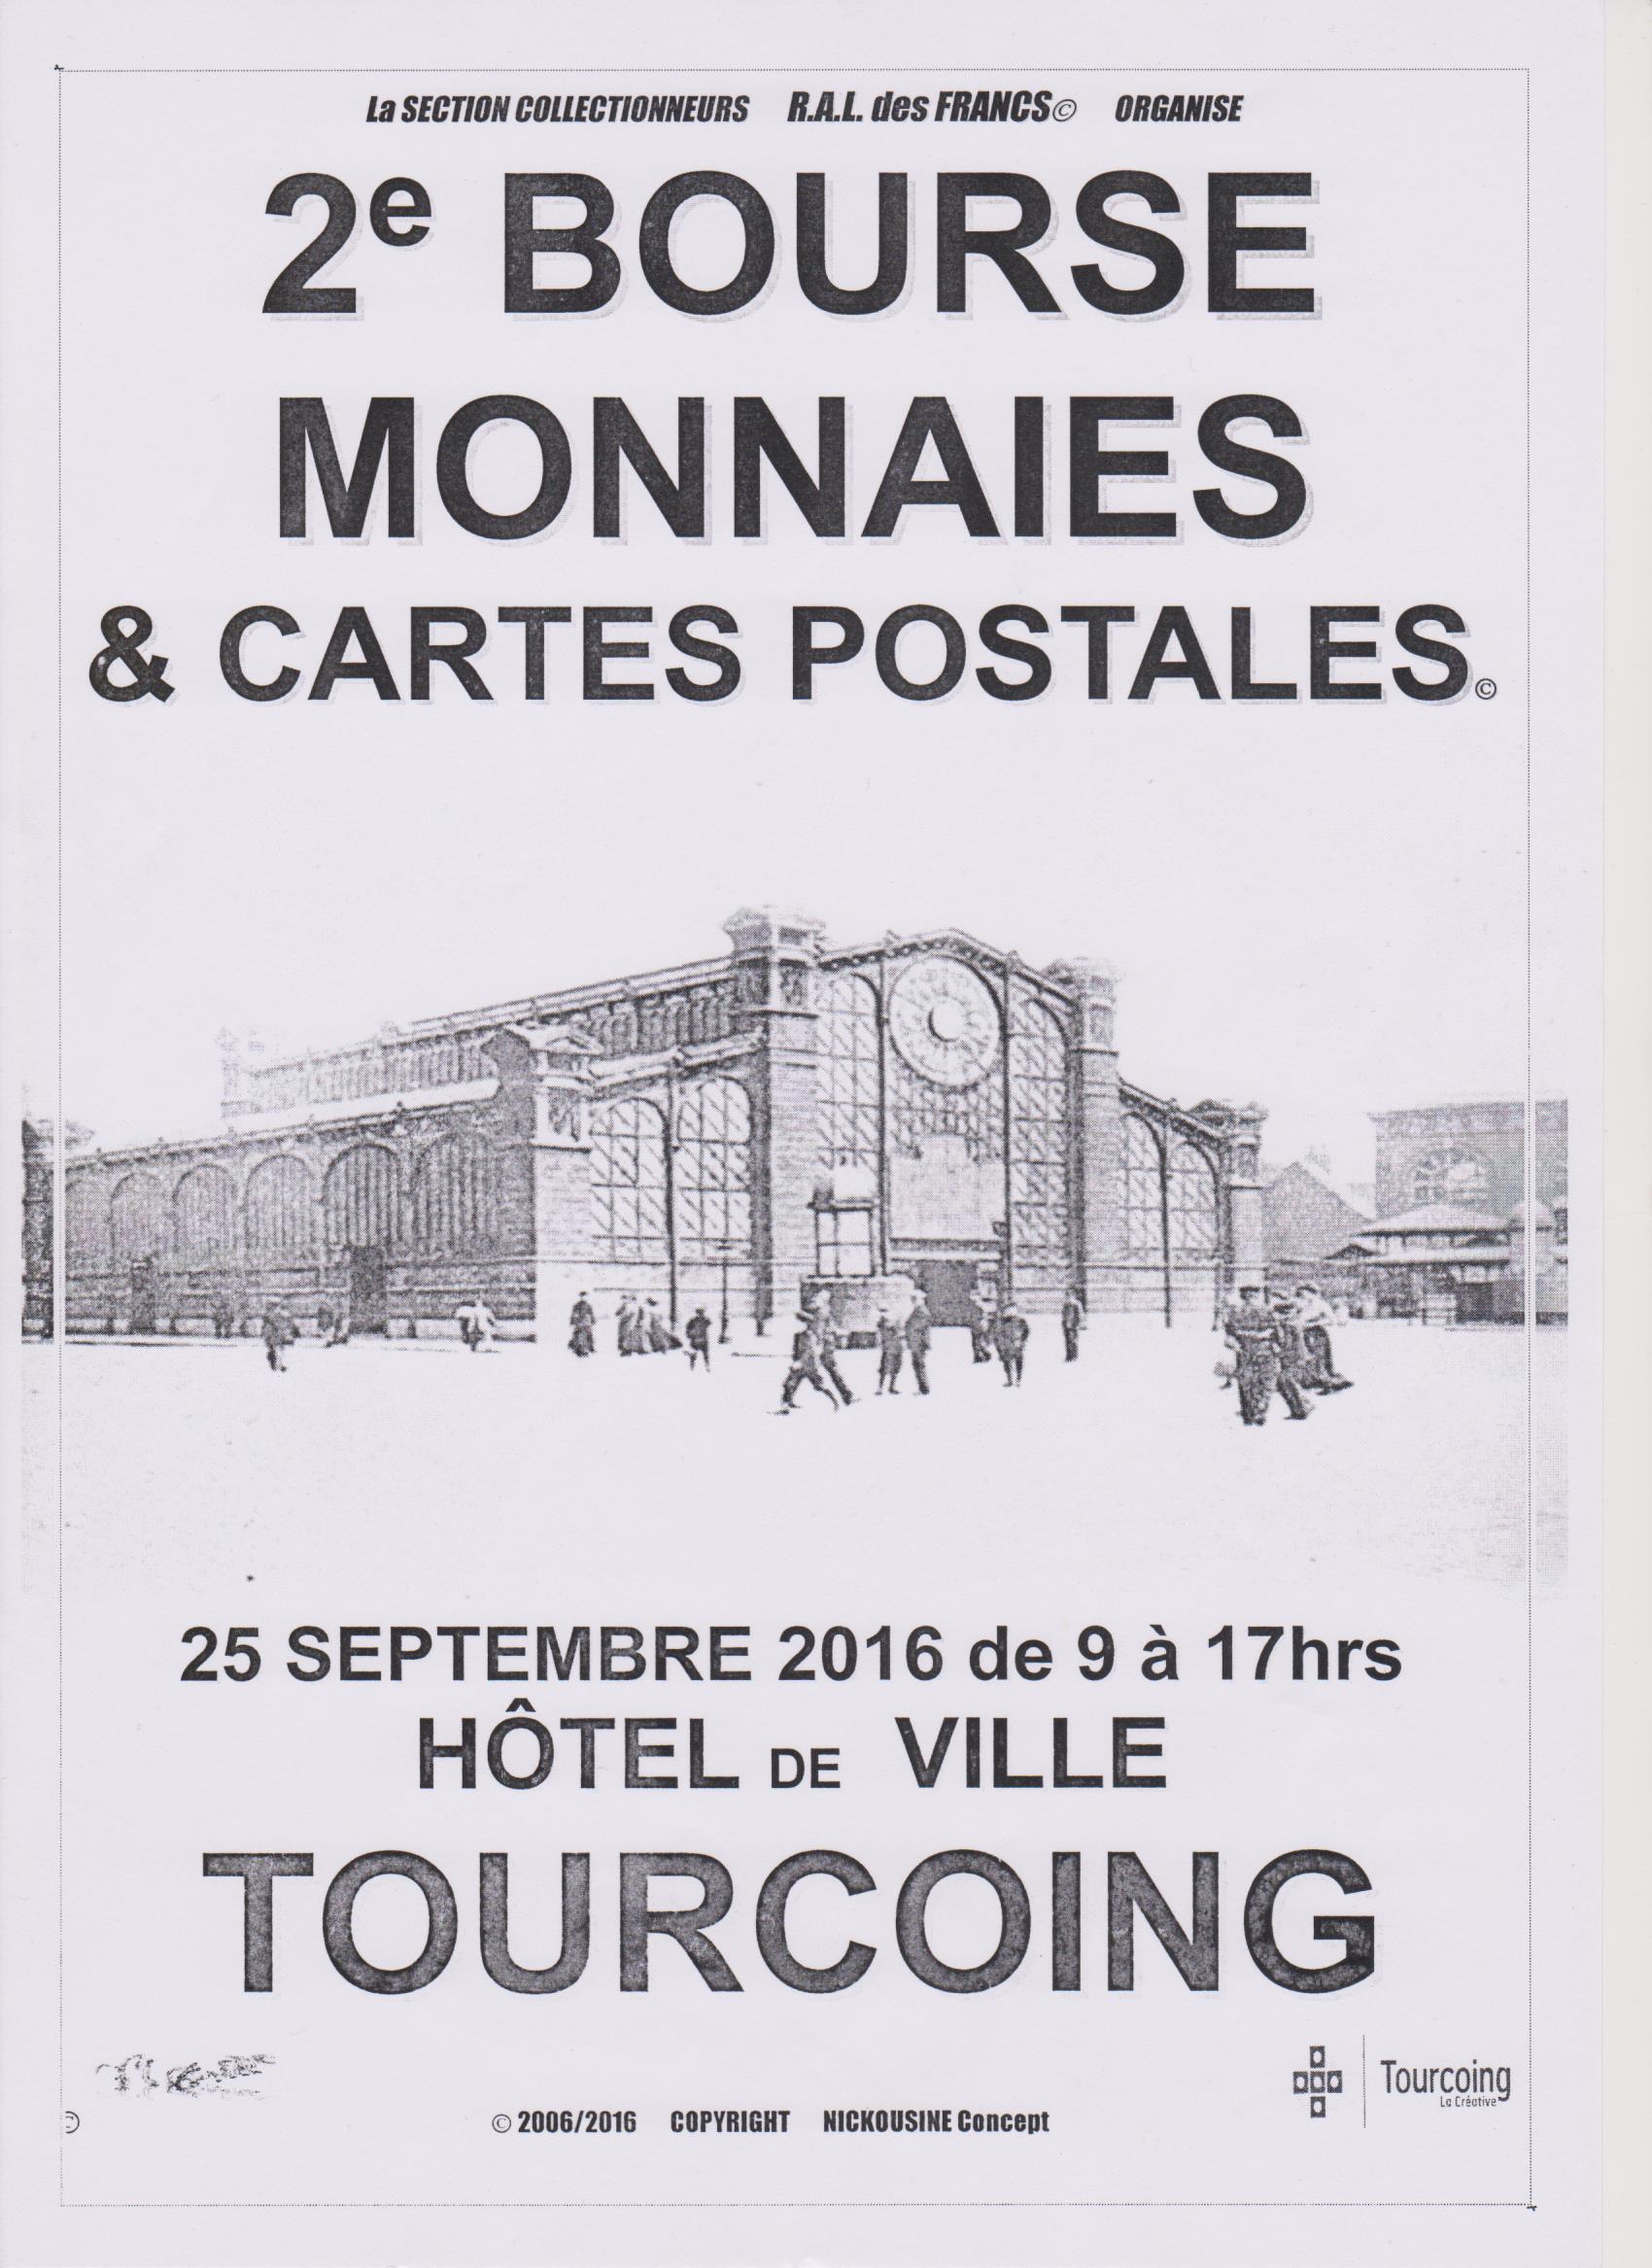 2ème Bourse aux Monnaies et Cartes postales, Tourcoing - Numista